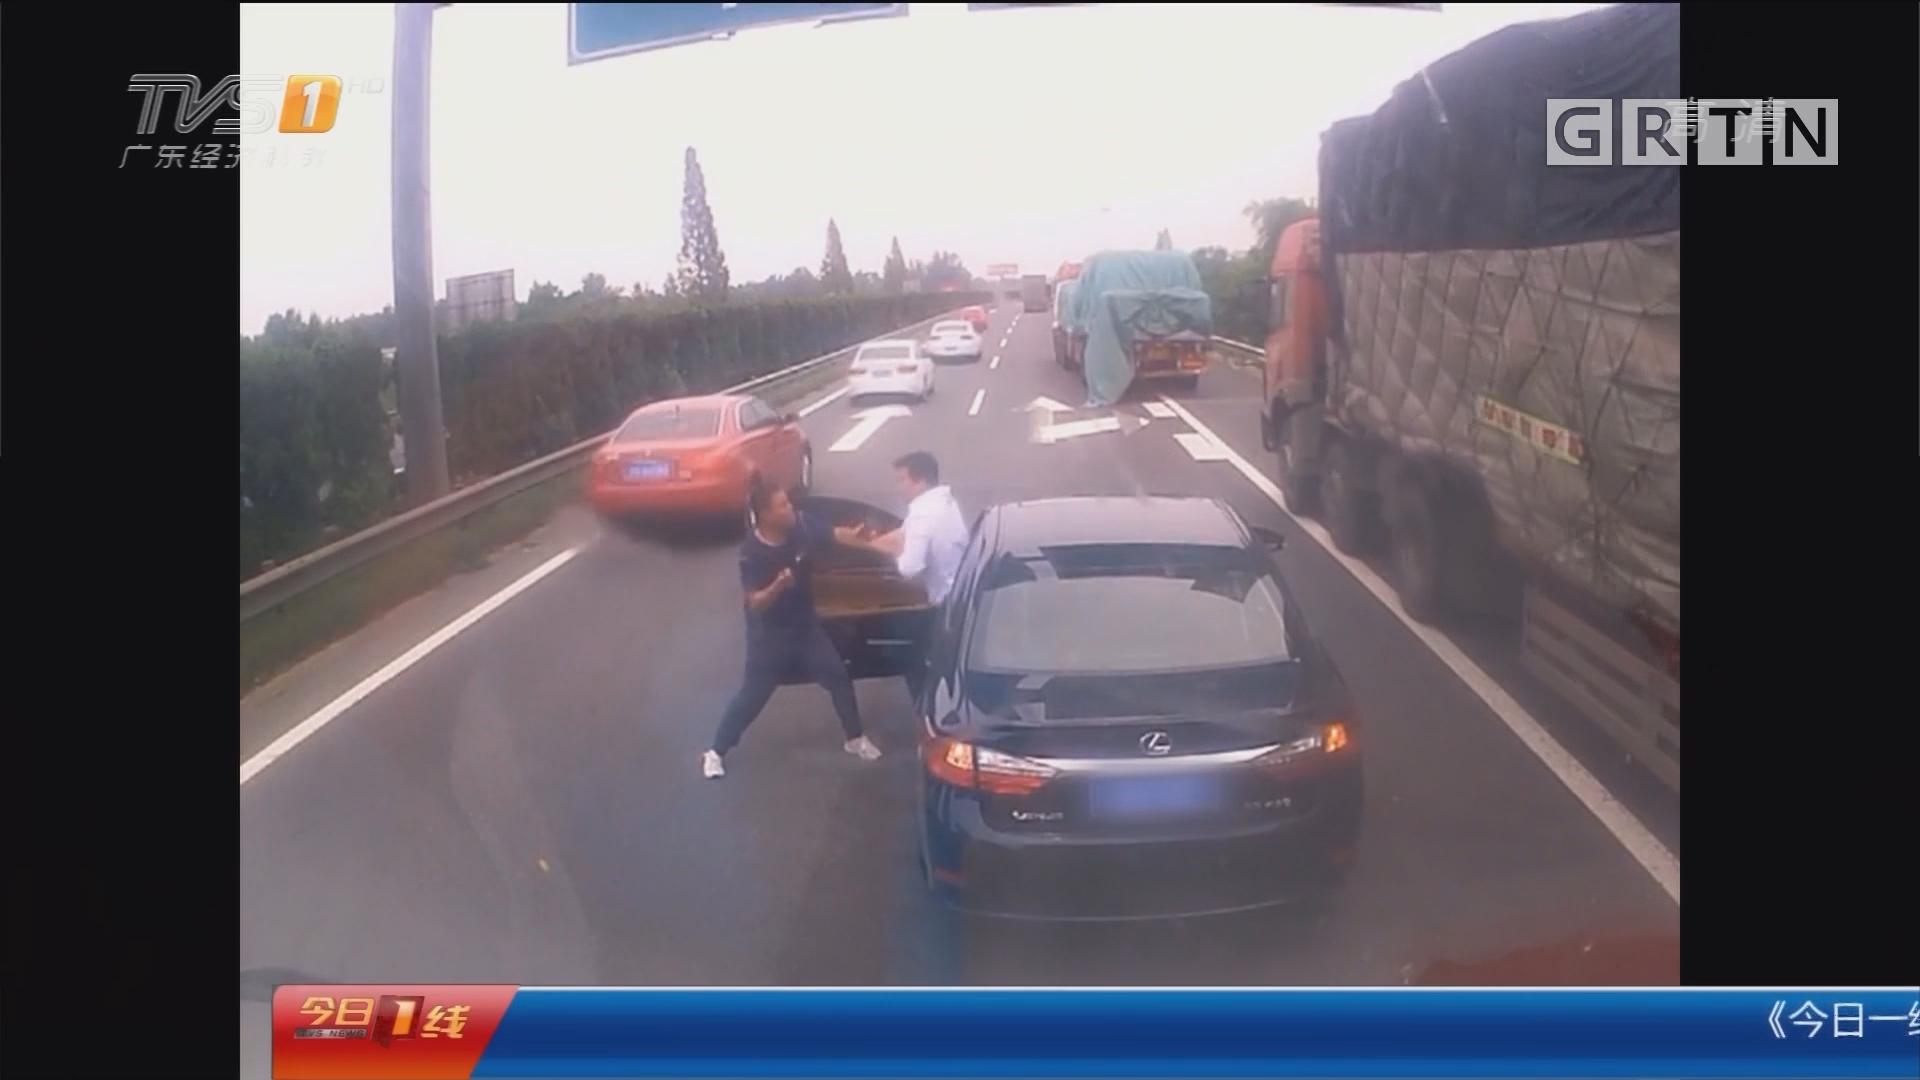 扬州:高速开斗气车 两司机路中央动手